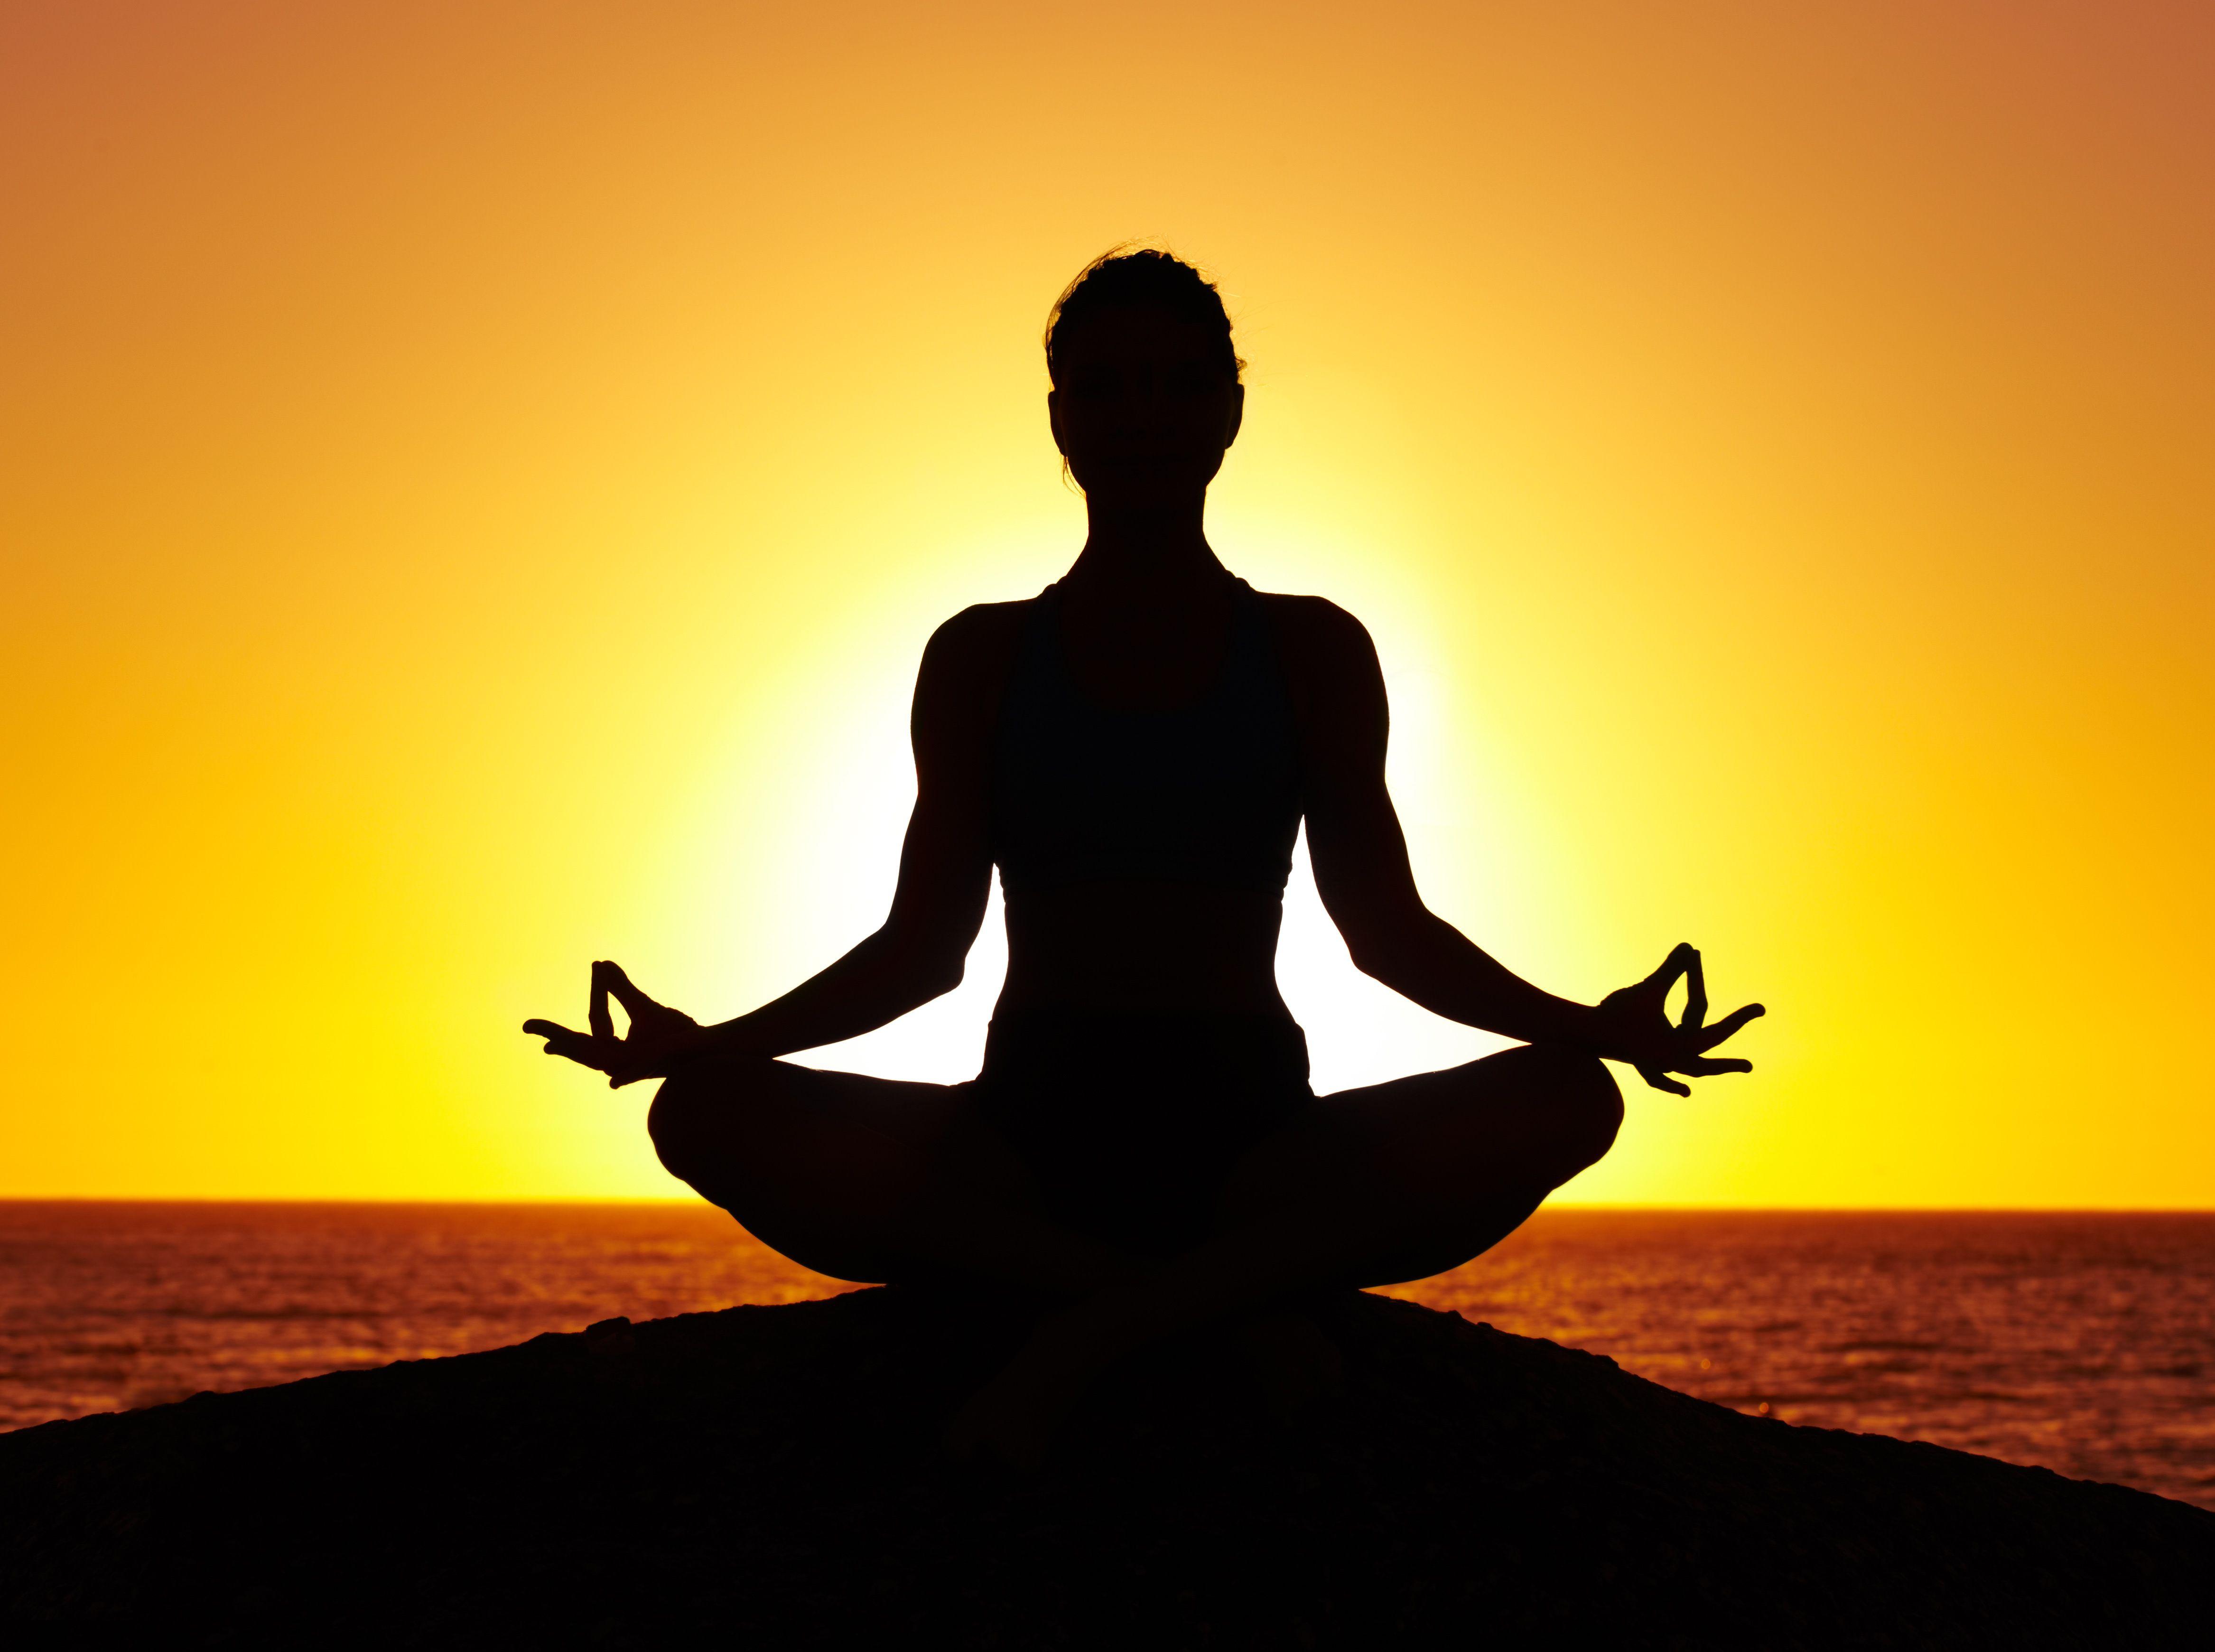 Йога - путь к себе! Способы самосовершенствования